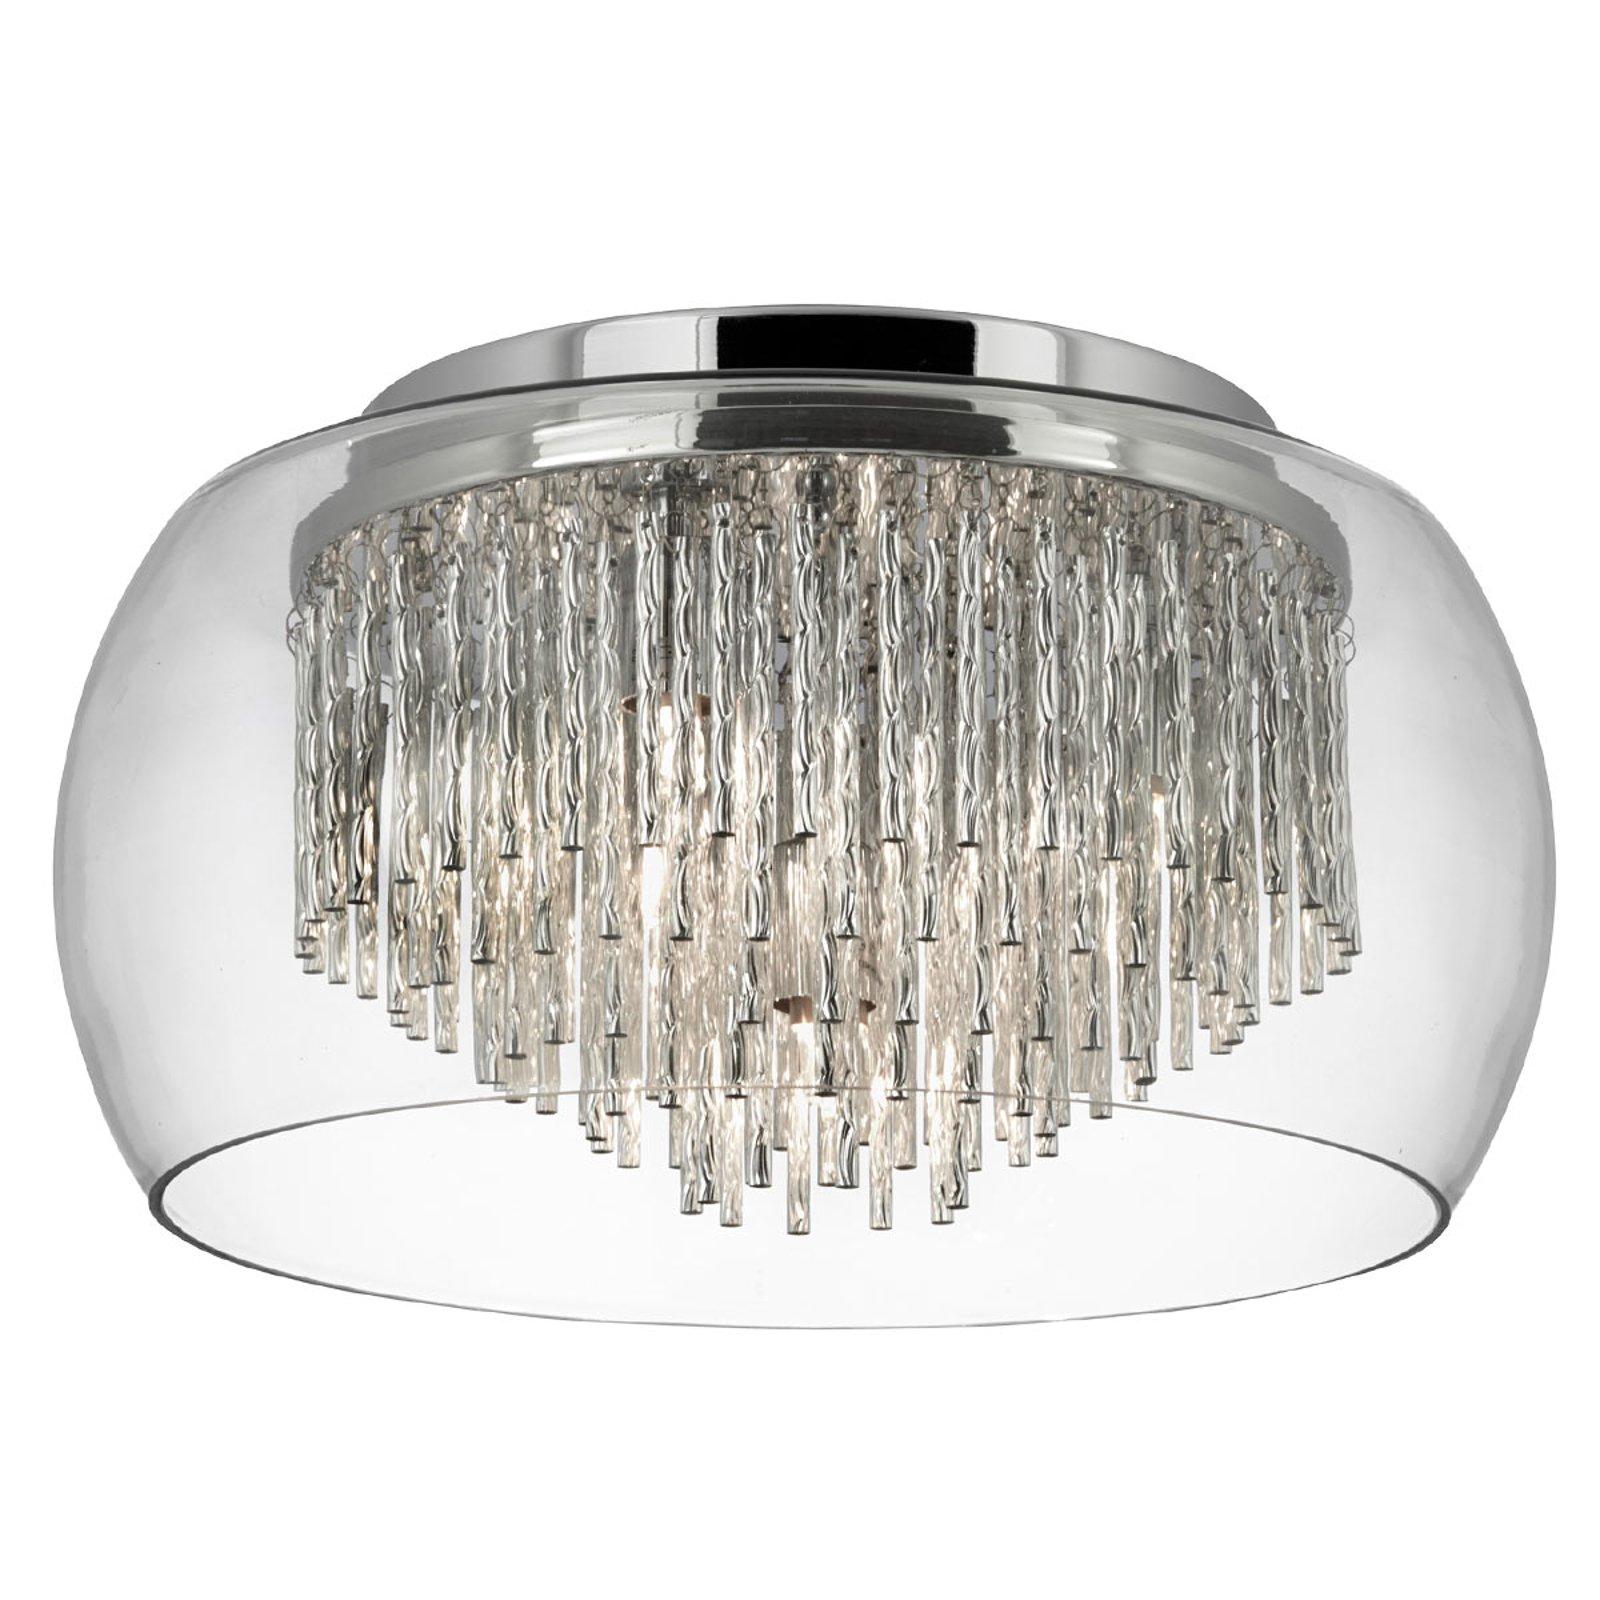 Glass-taklampe Curva med aluminiumspiraler